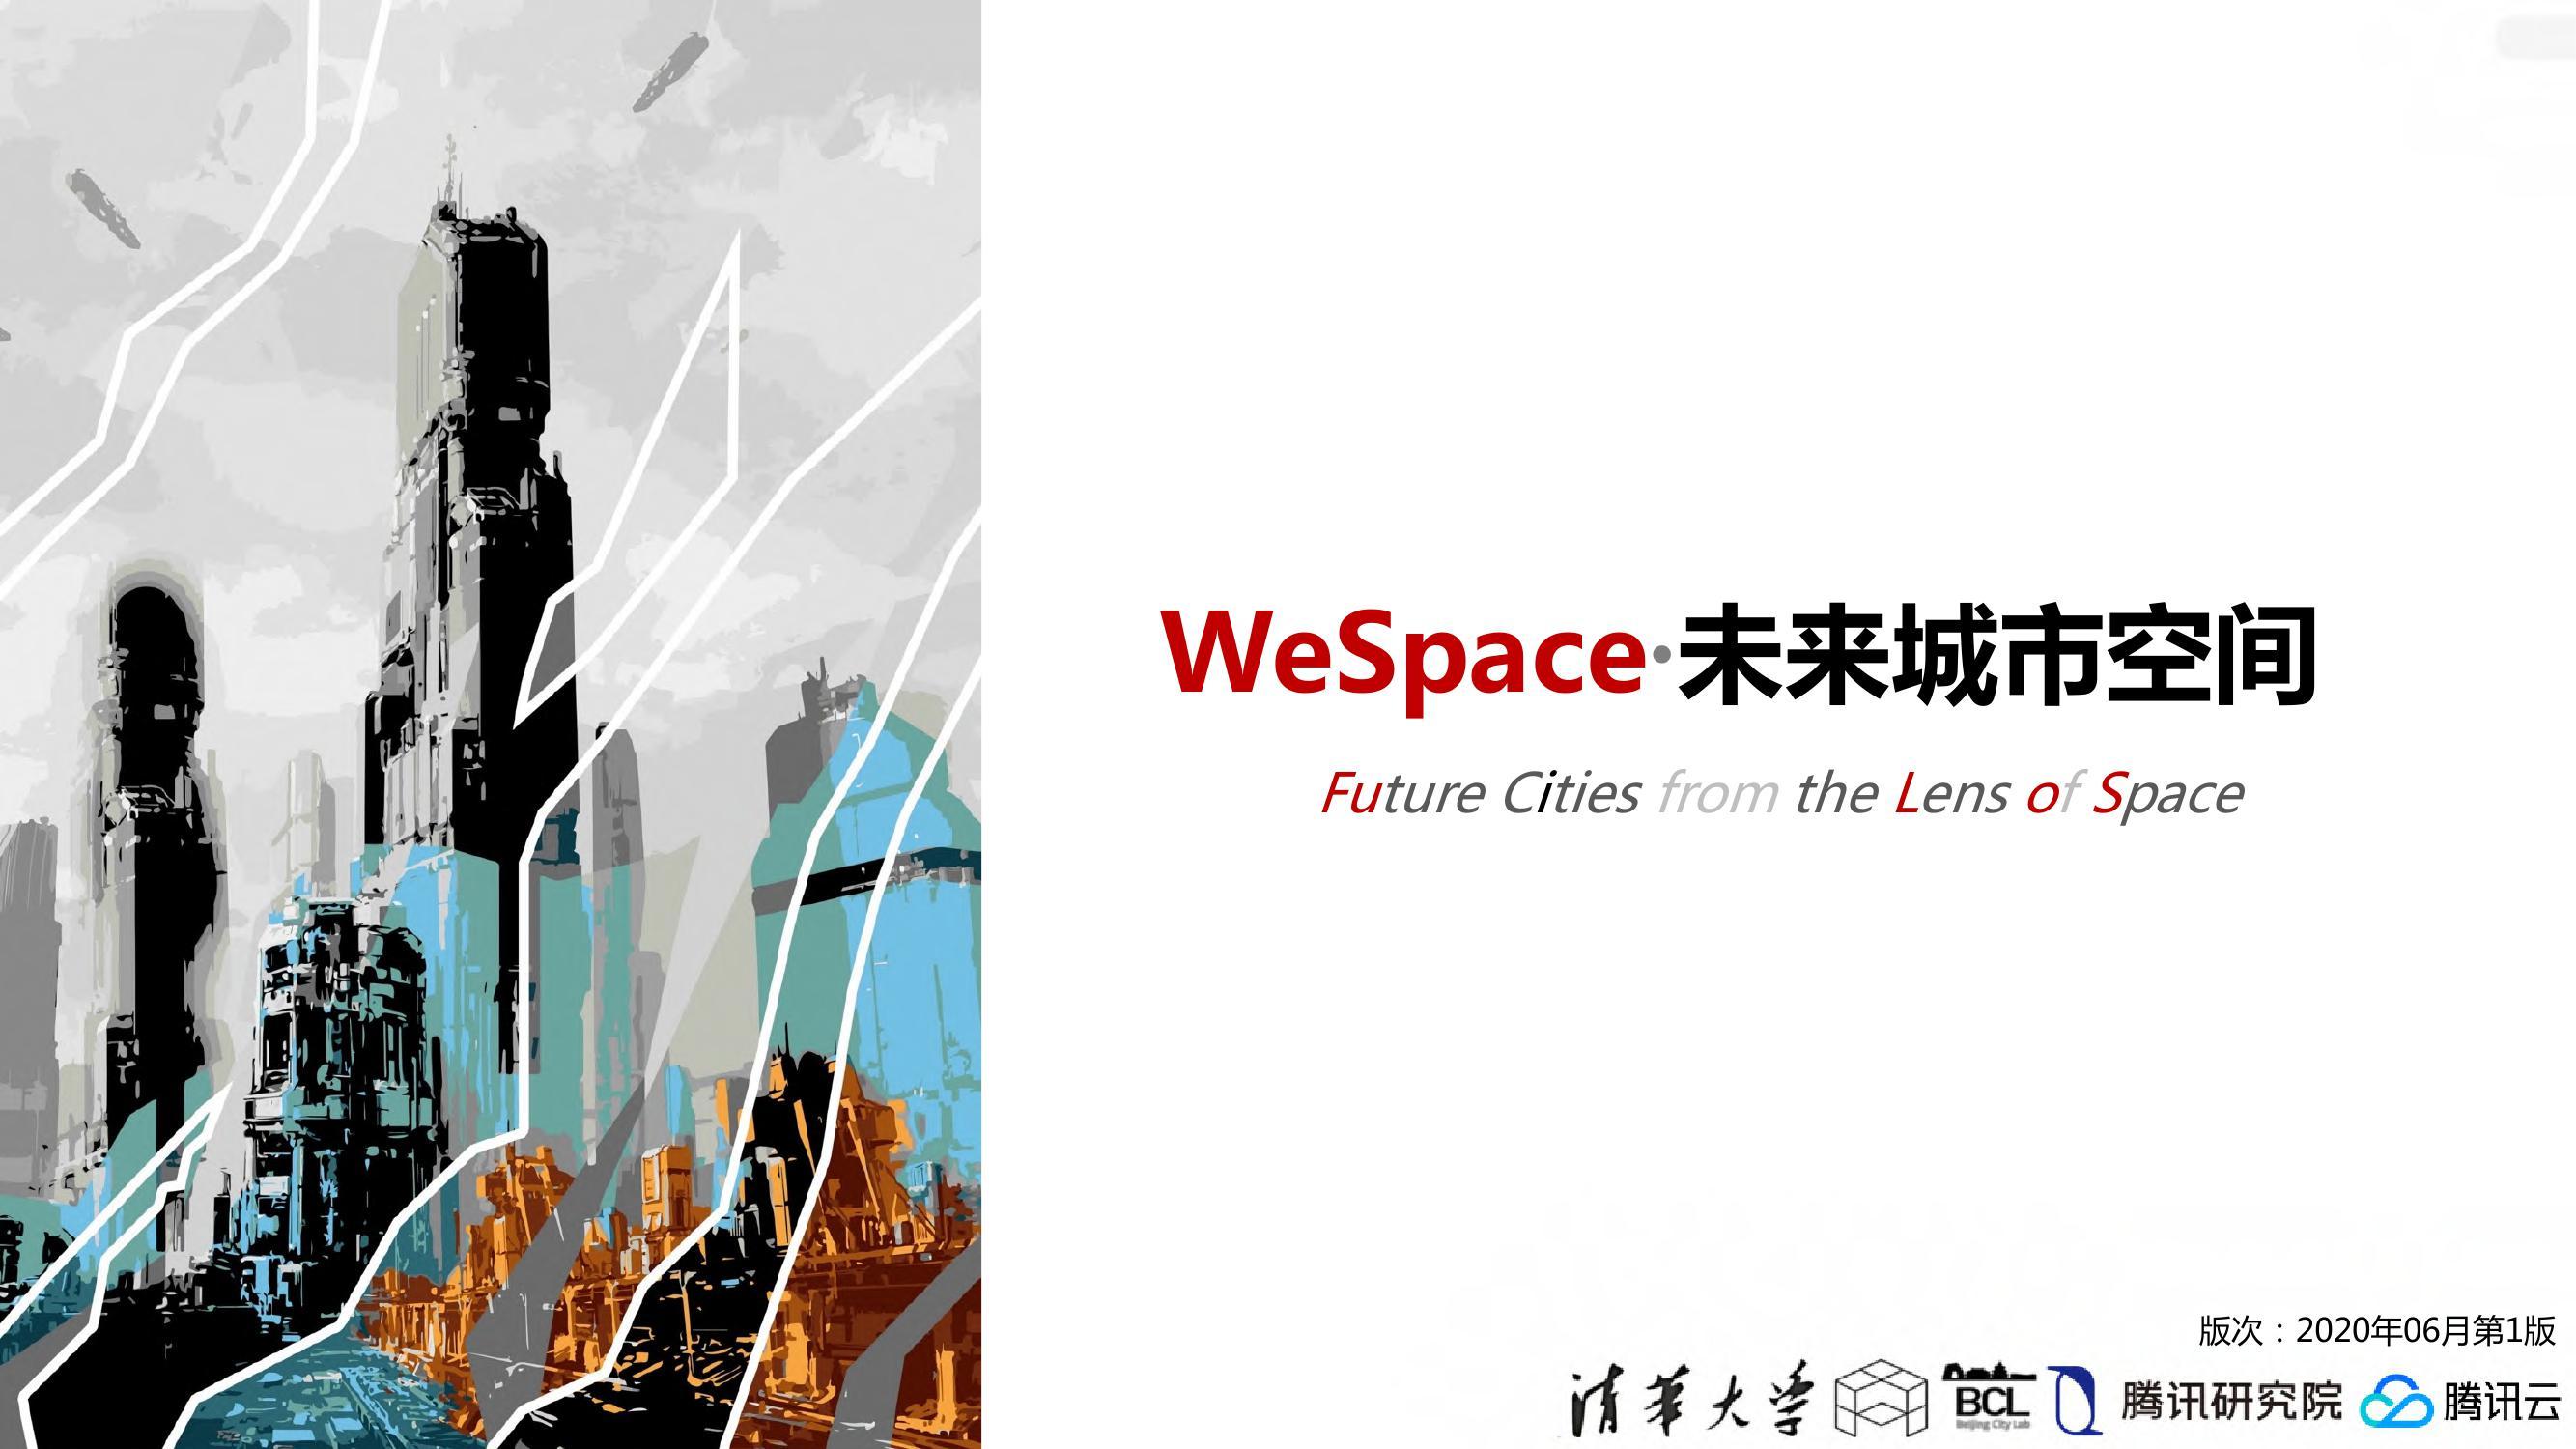 清华大学&腾讯研究院:WeSpace·未来城市空间(附下载)